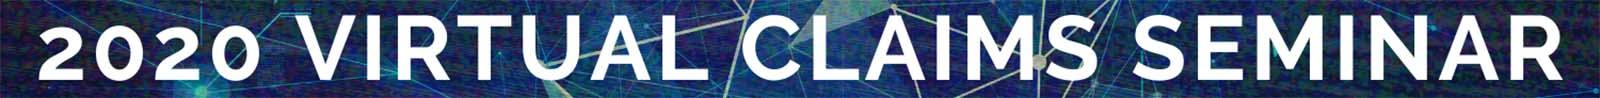 Claims Seminar 2020 Banner 1600x98